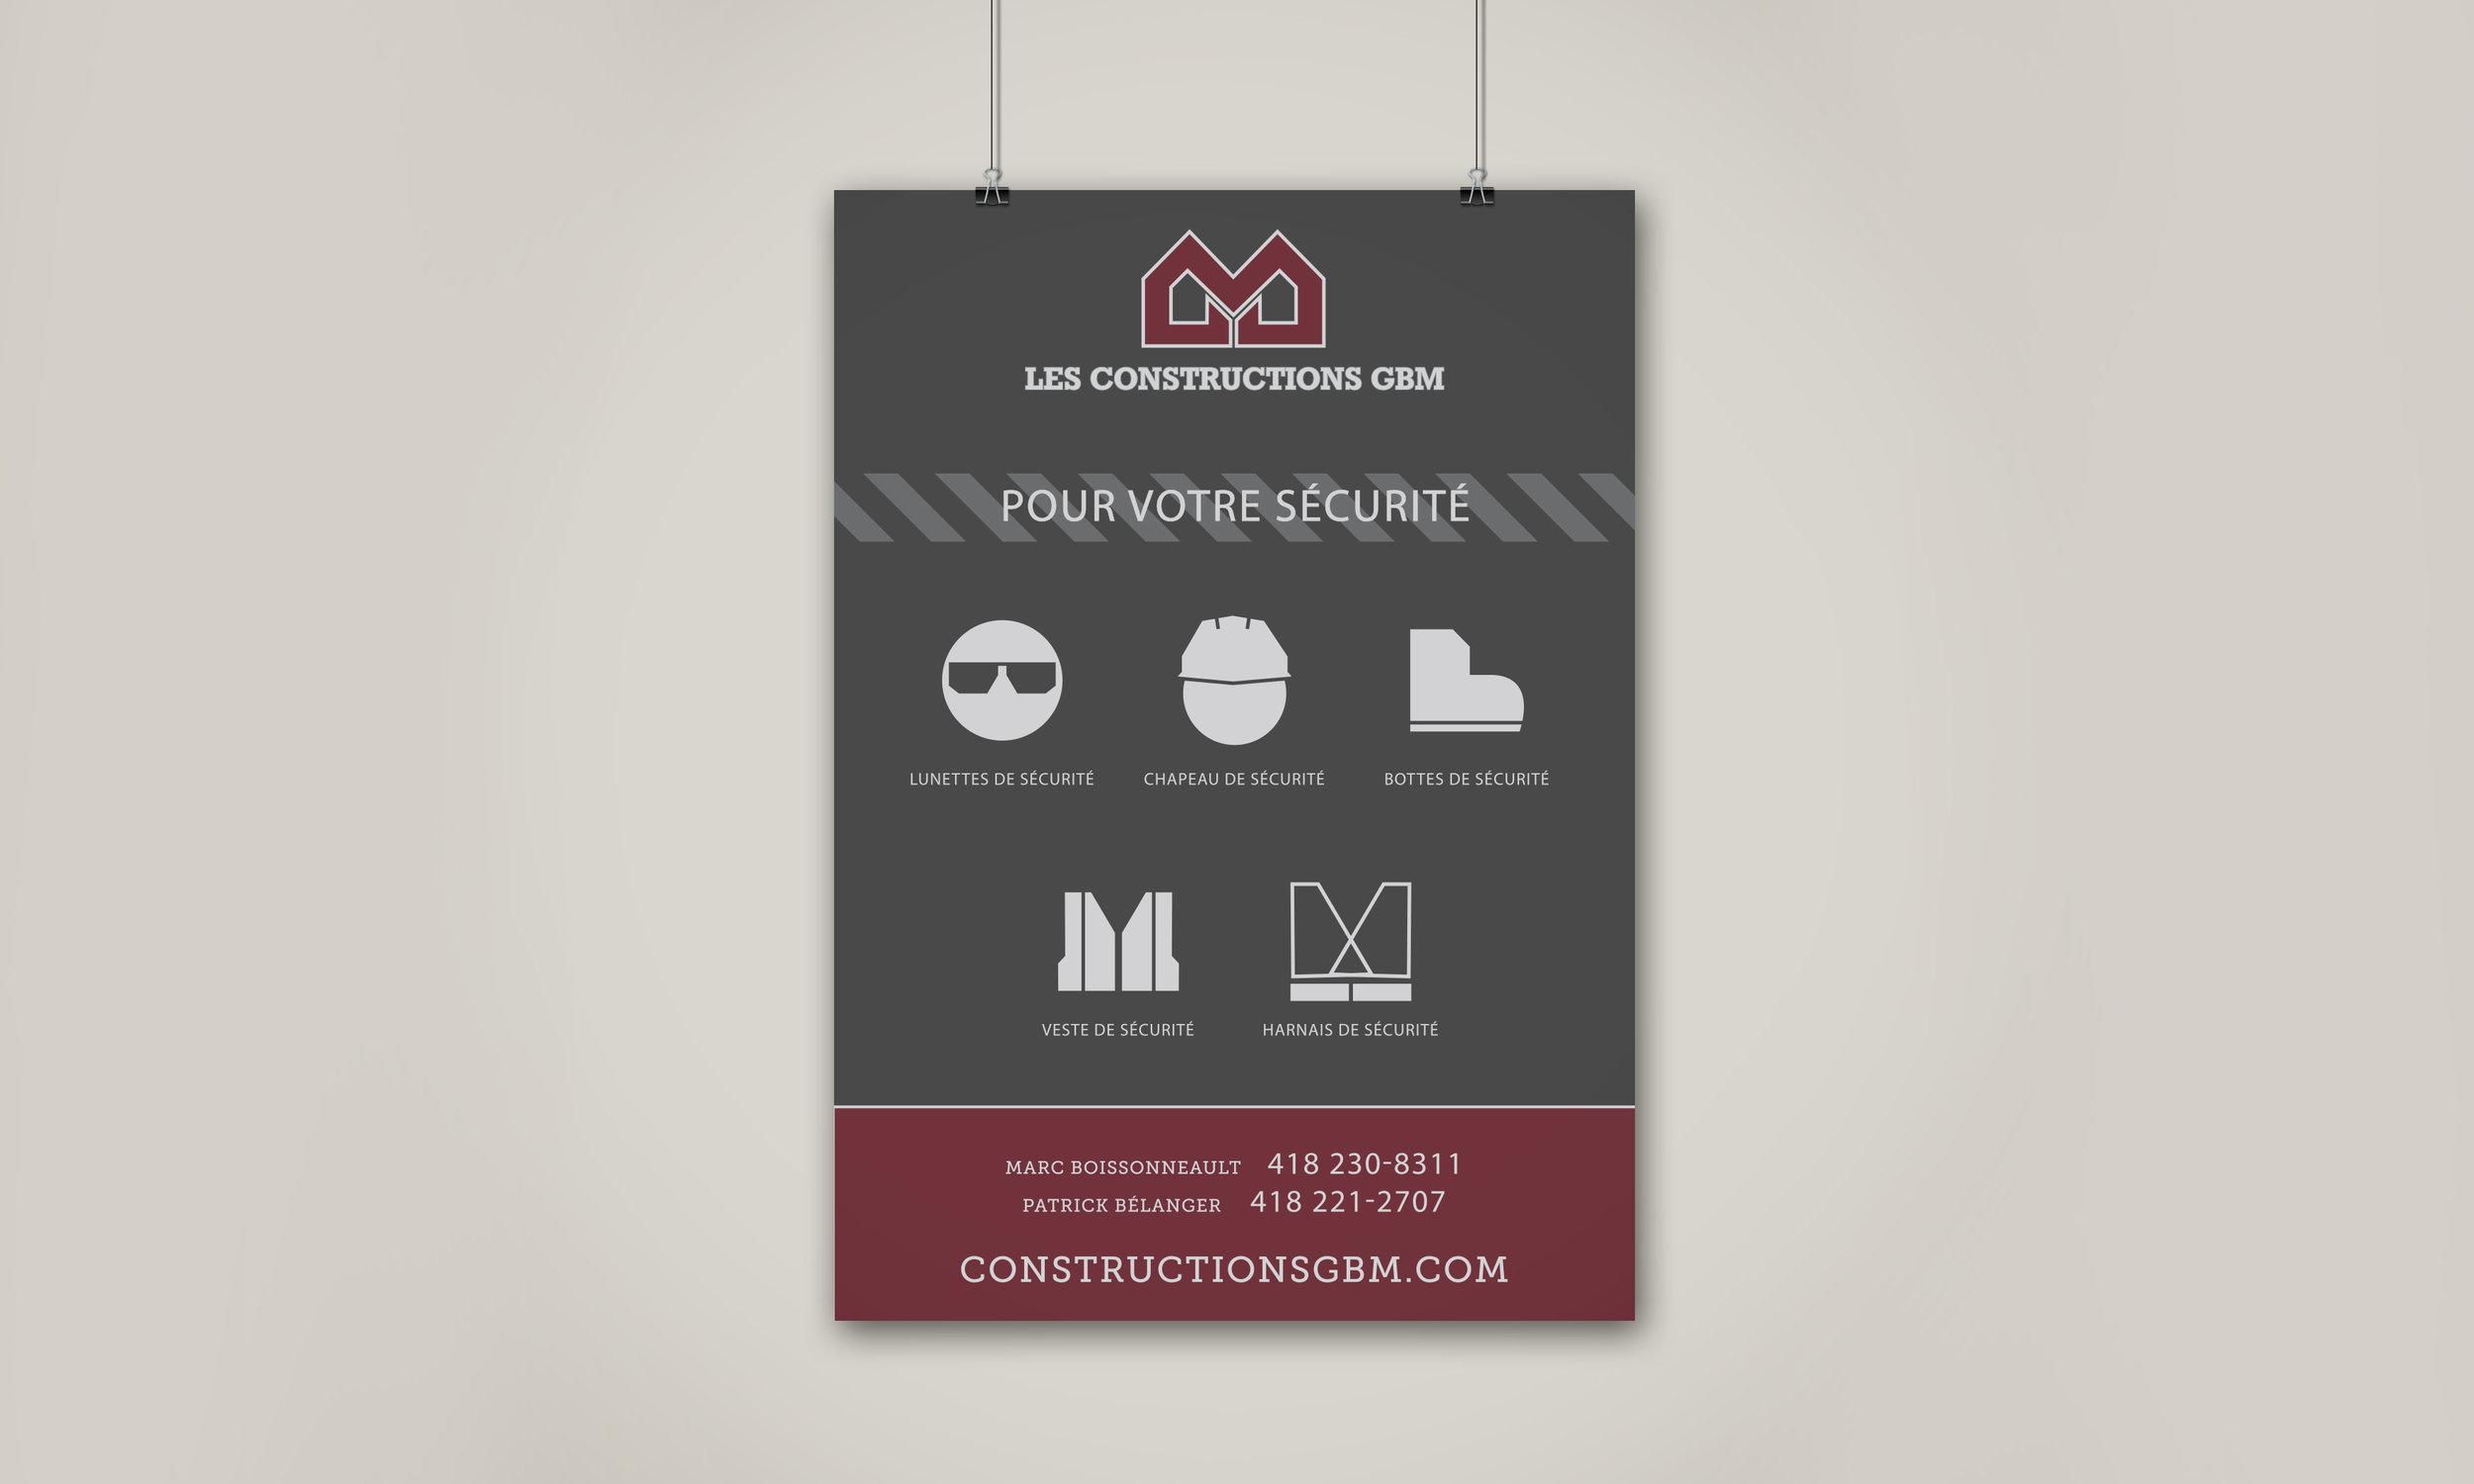 constructionsgbm_affichechantier_designgraphique_laboite-agencemarketing_publicite_beauce_quebec